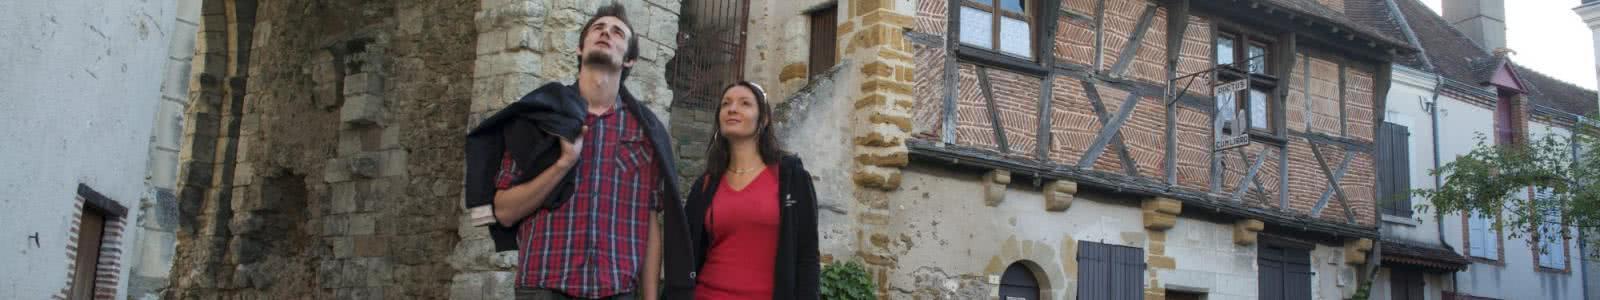 Visite du village médiéval de Mennetou-sur-Cher en Sologne ©CDT41-Mirphoto2012